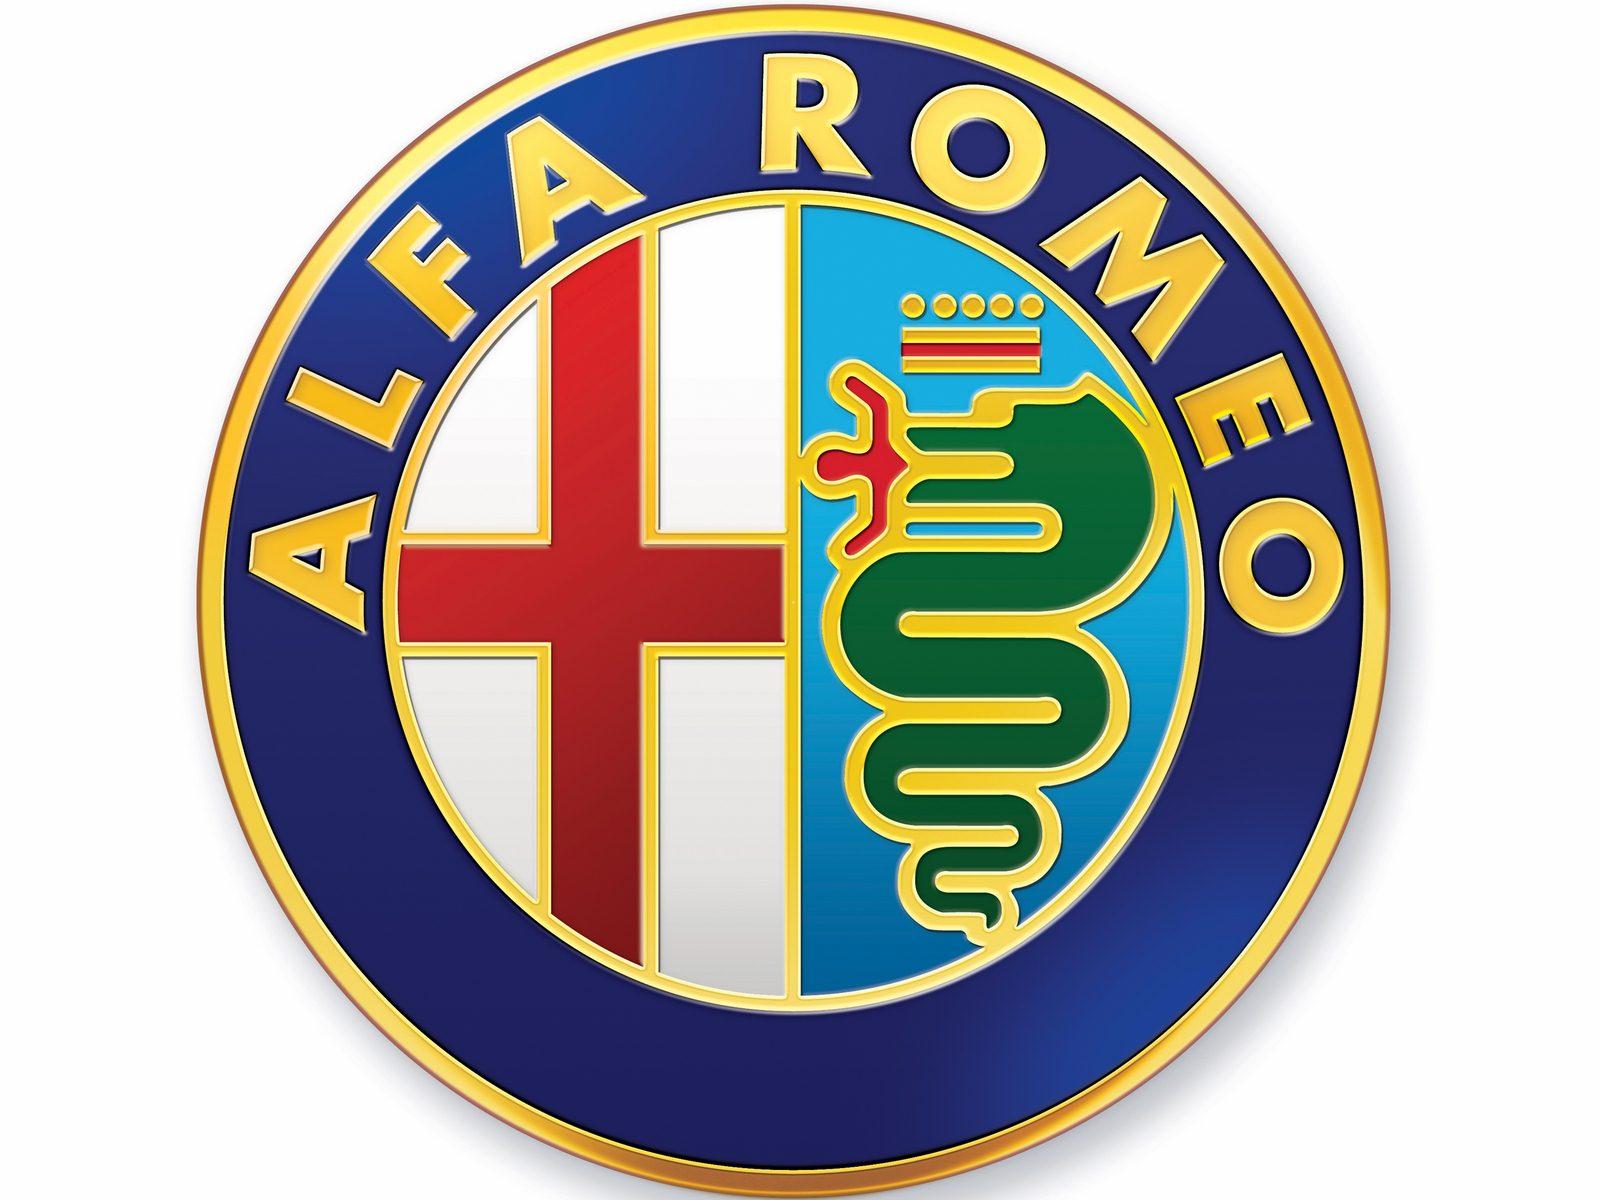 marchio Alfa_masato02